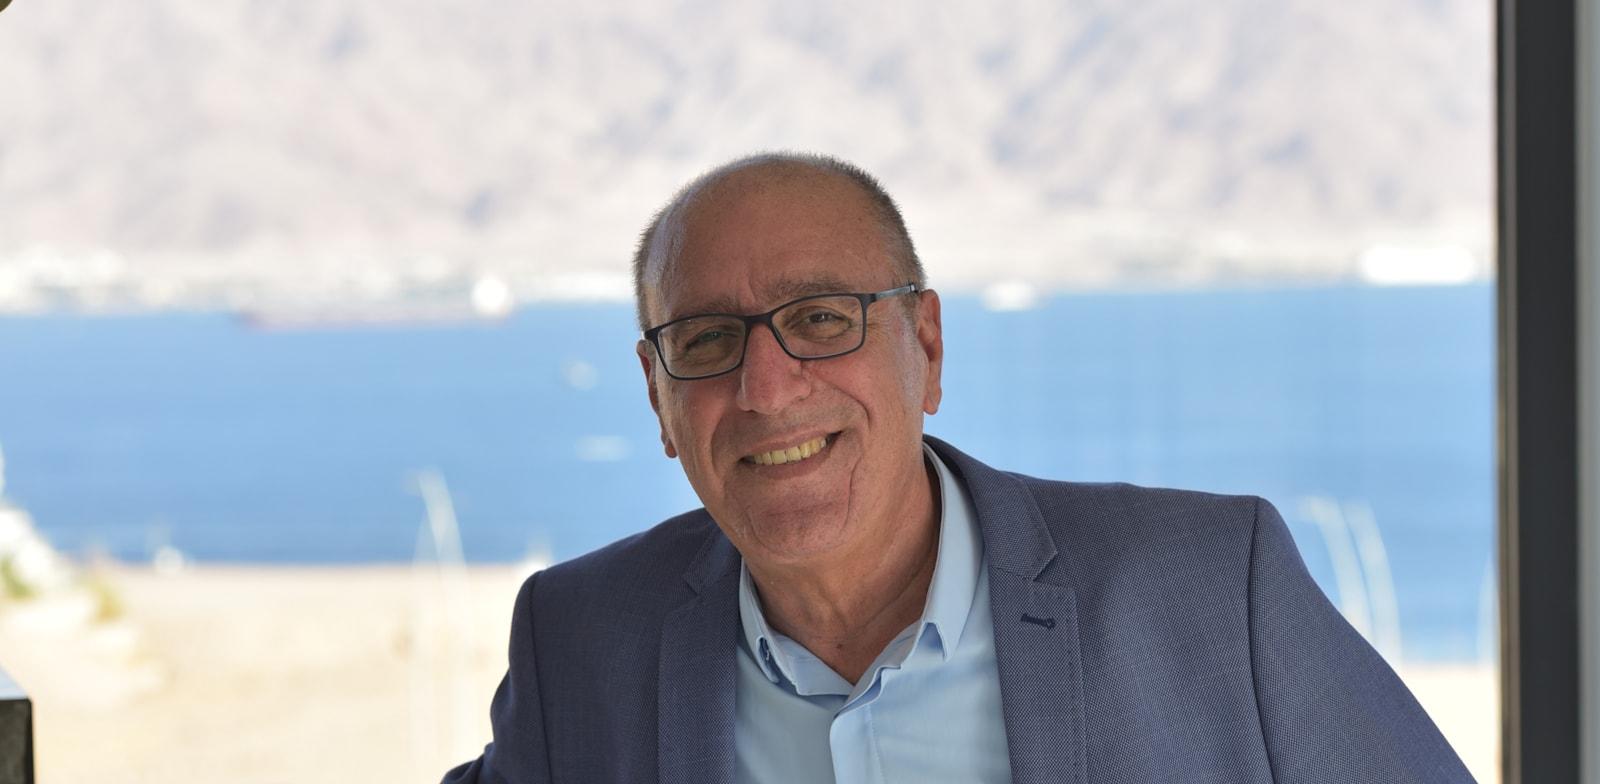 אלי לנקרי, ראש עיריית אילת / צילום: שיר גולני